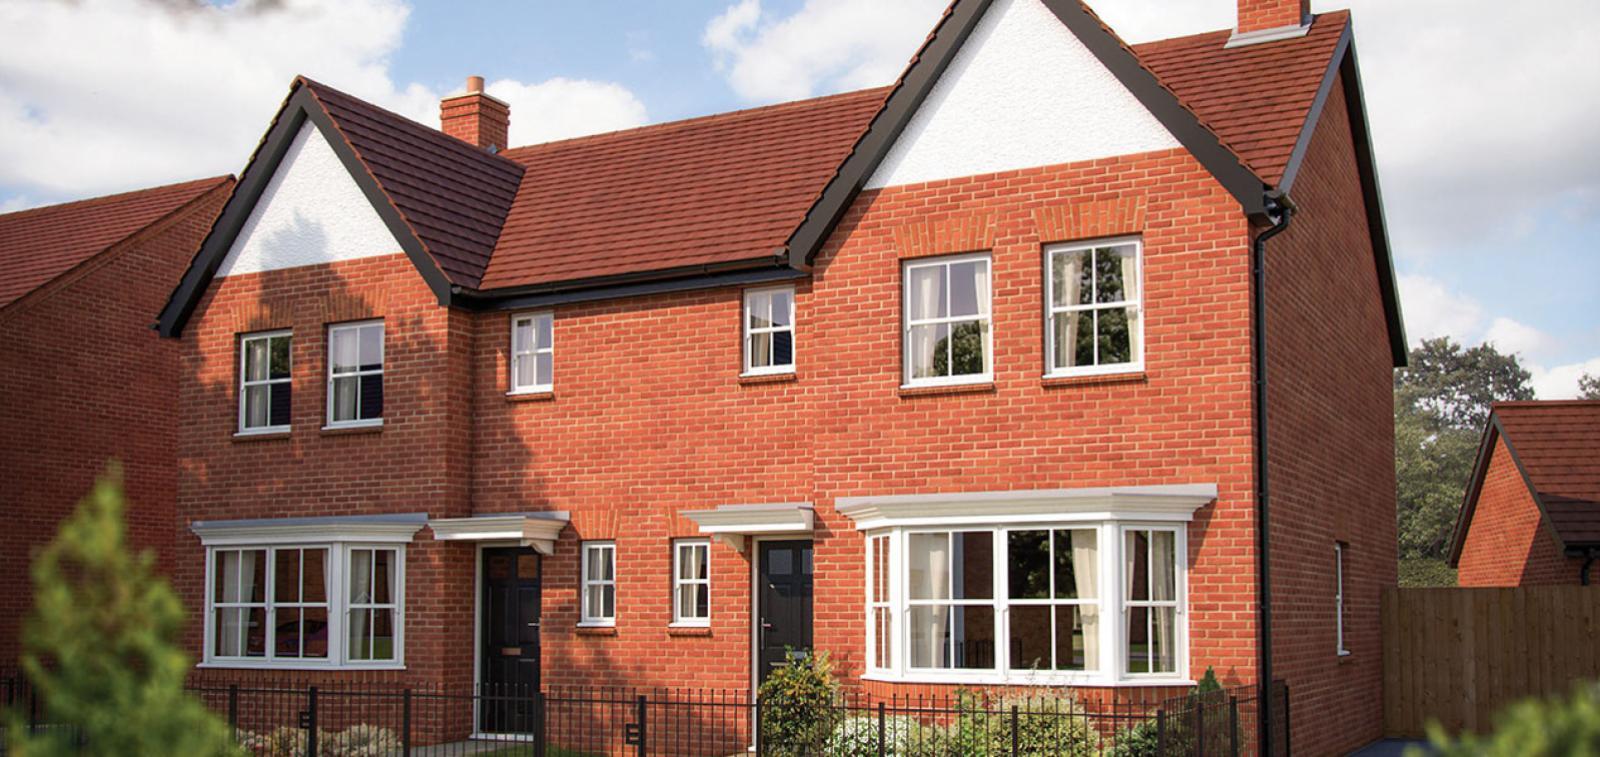 Bidford Leys development in Bidford-on-Avon